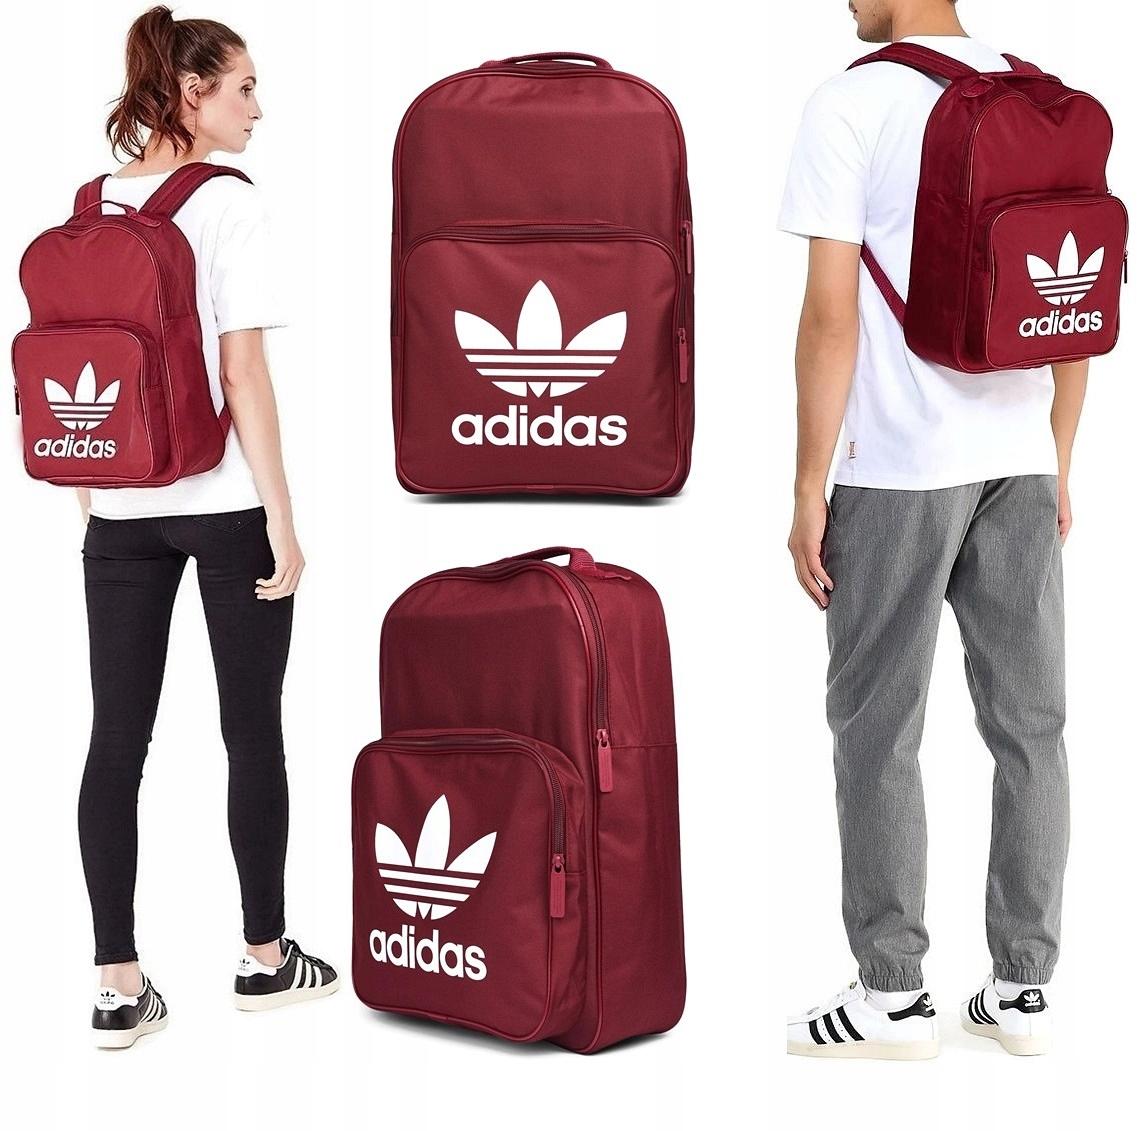 wyprzedaż ze zniżką miło tanio sprzedaż uk Plecak Adidas Originals BP7303 Szkolny Bordo sport ...